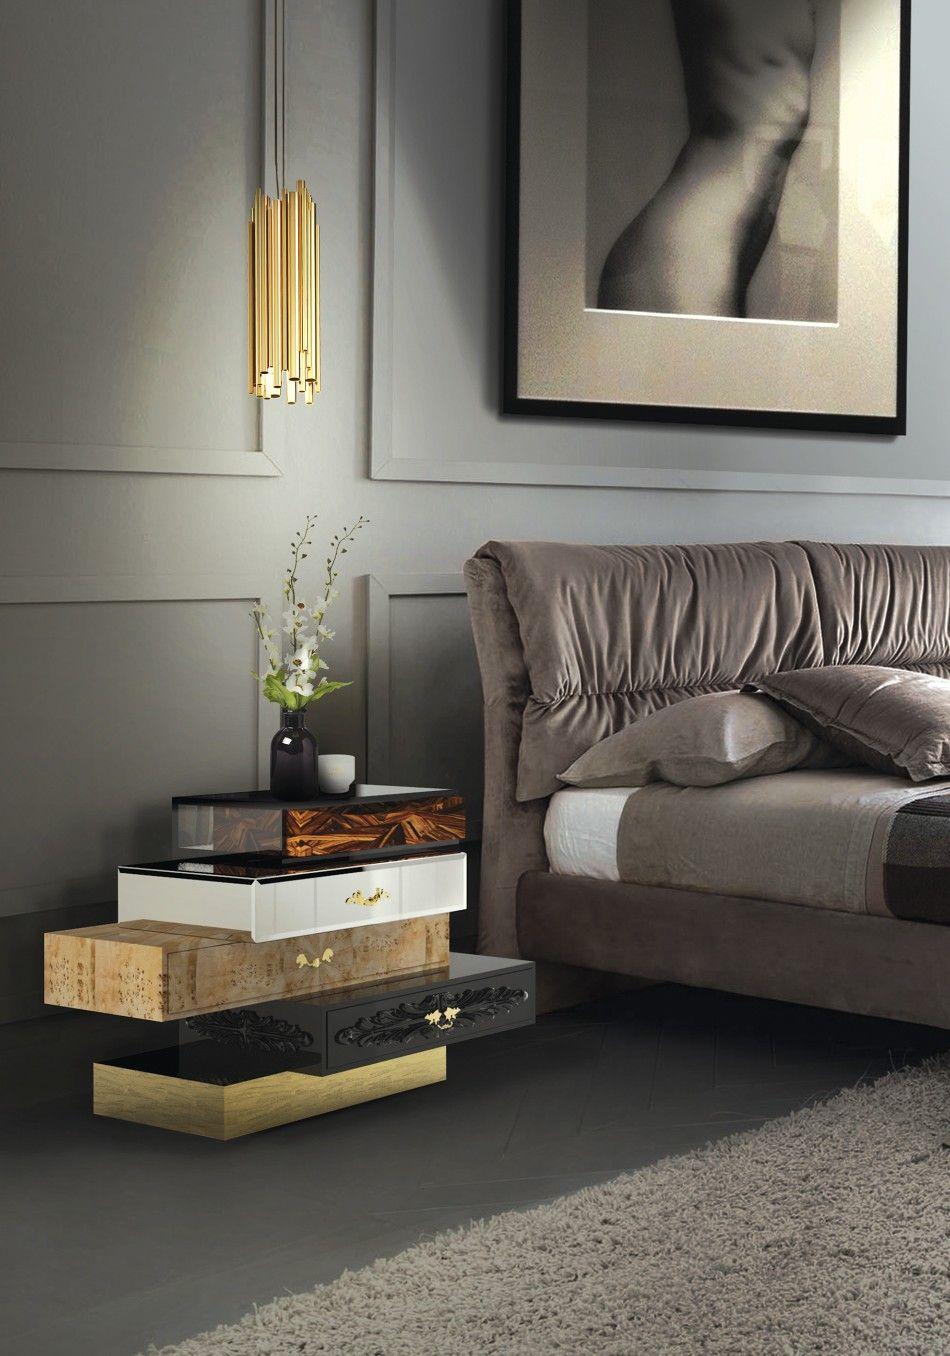 Innenarchitektur luxus  10 Interessante Alternativen zu Ihrem Bett Beistelltisch ...